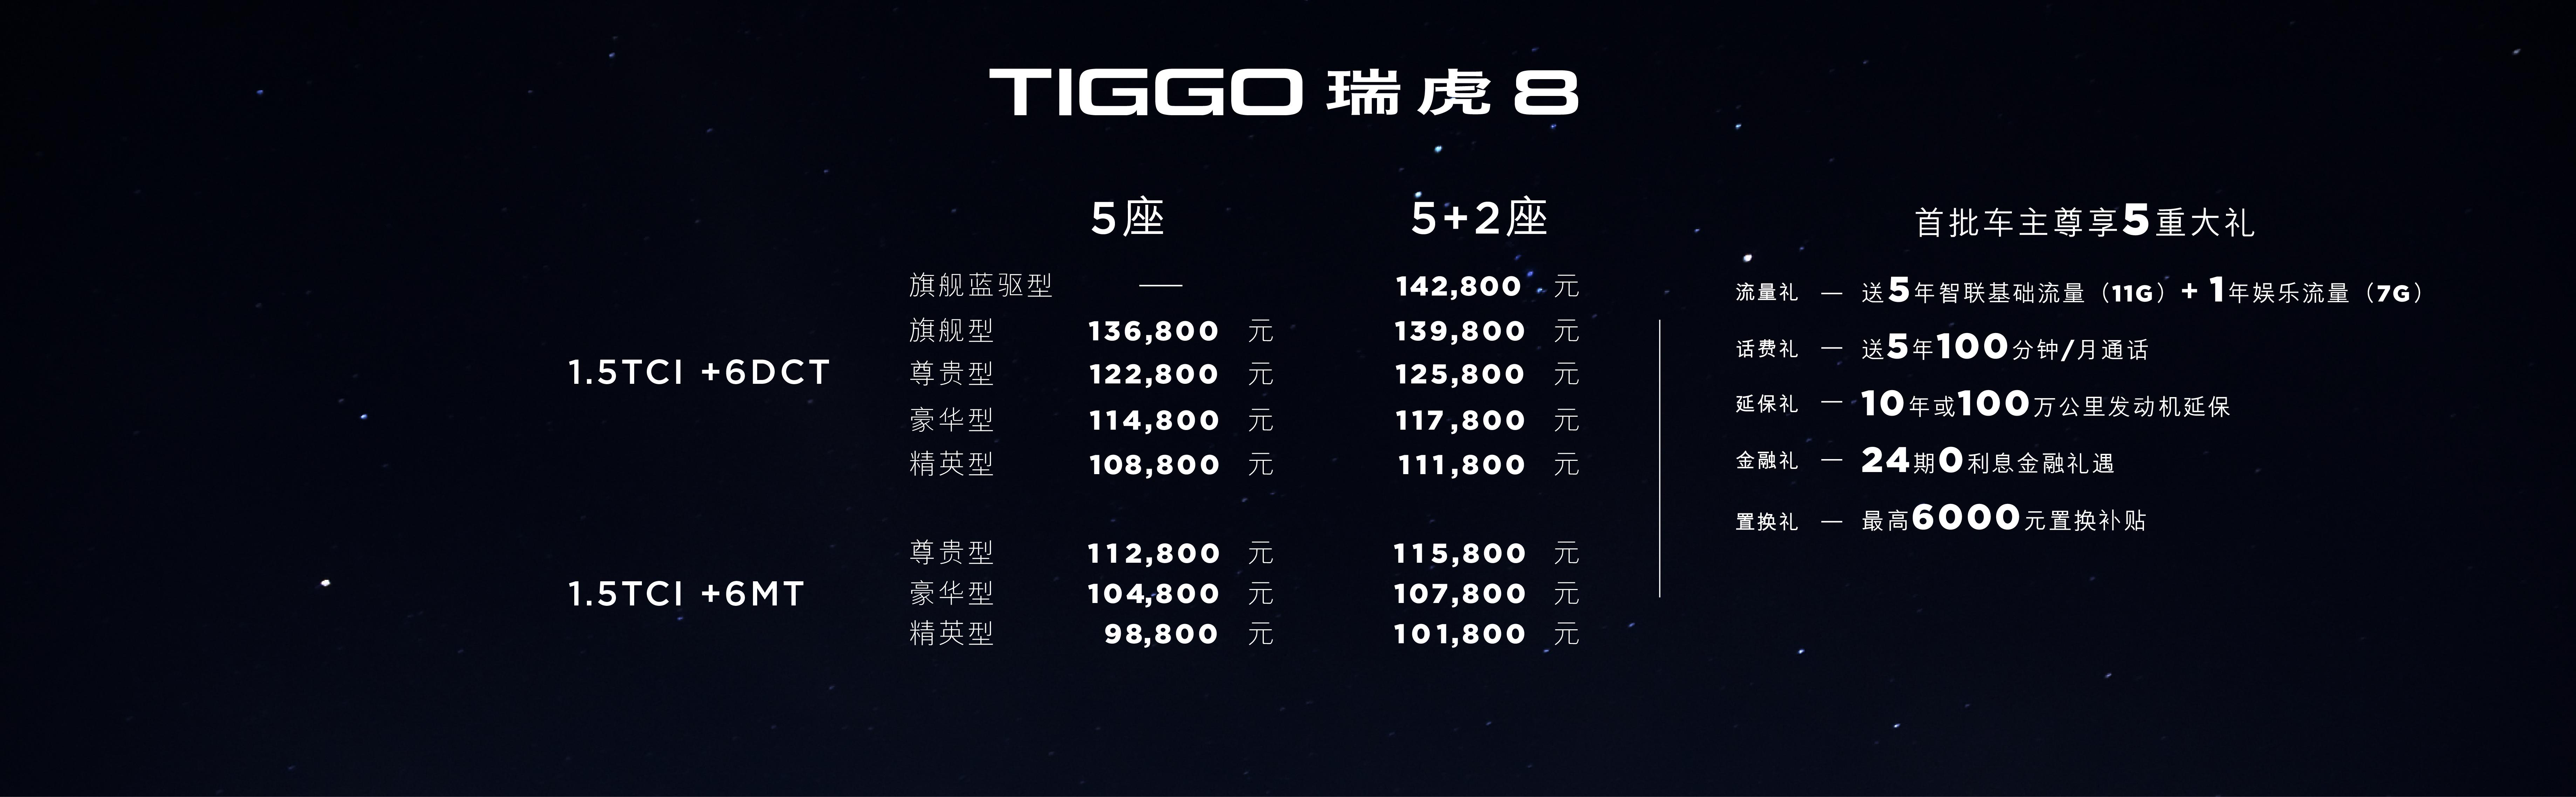 9.88万-14.28万,奇瑞瑞虎8北京车展上市